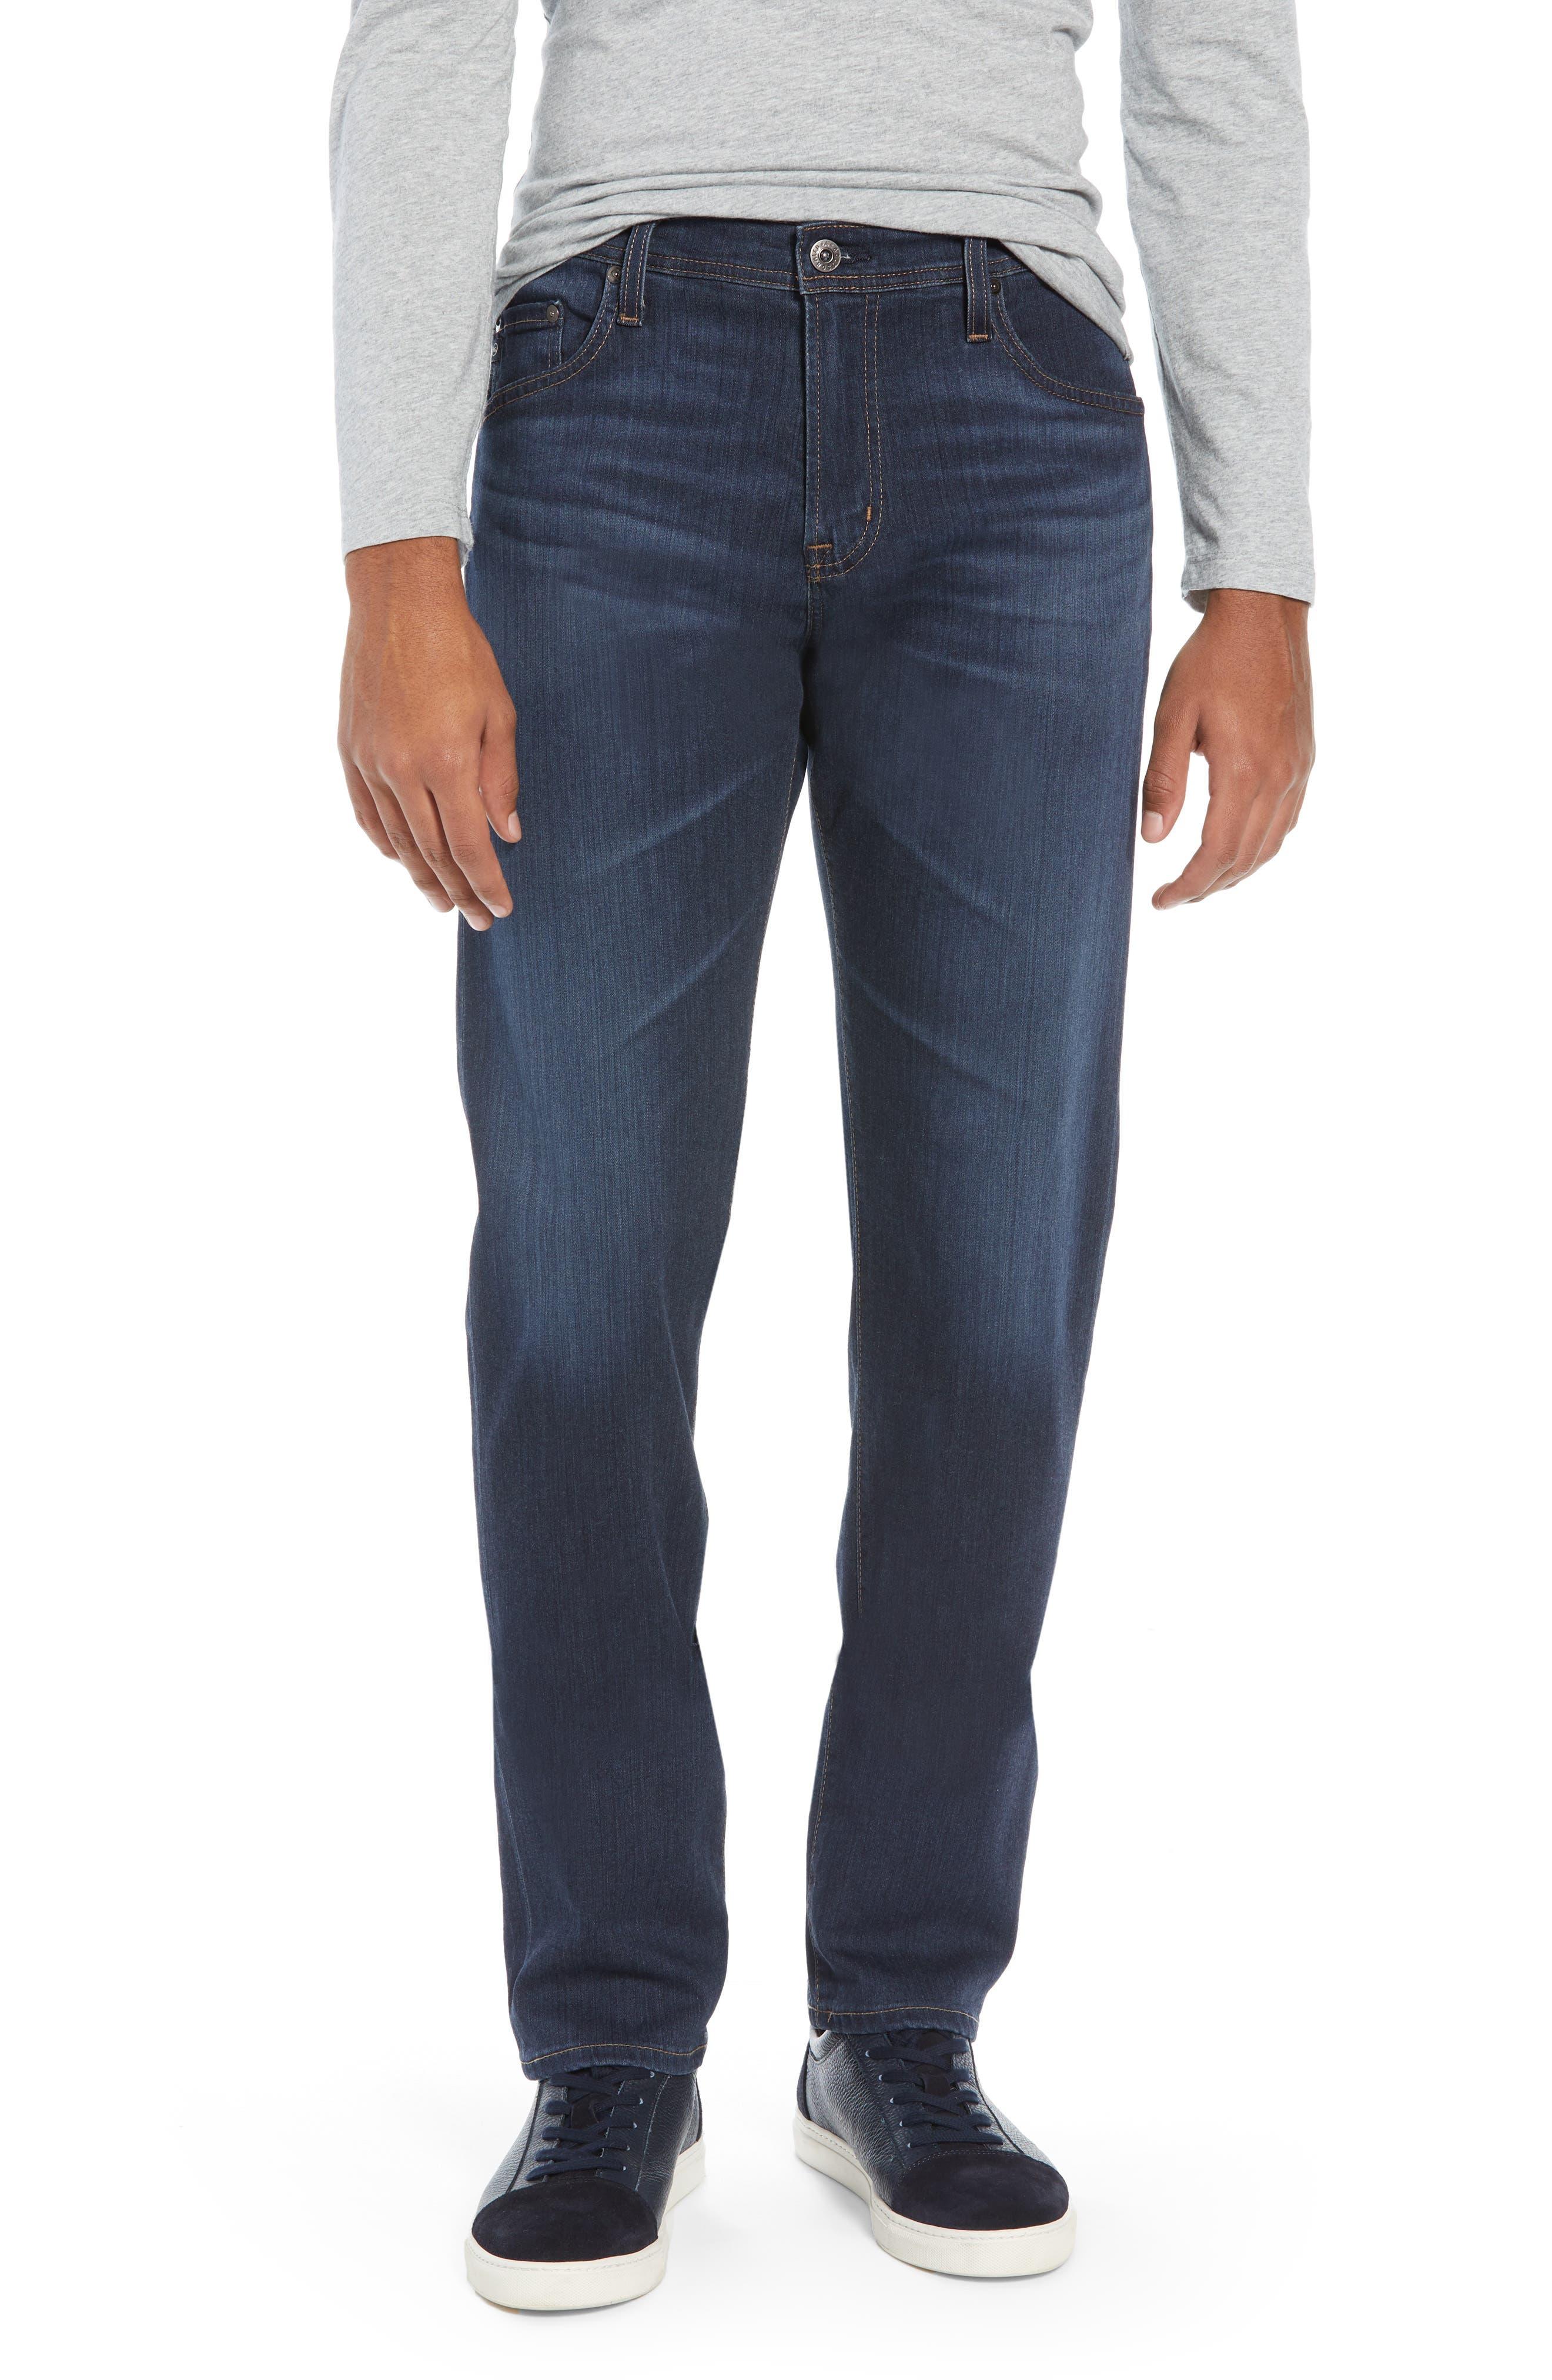 Men's Ag Tellis Slim Fit Jeans, Size 28 x 34 - Blue